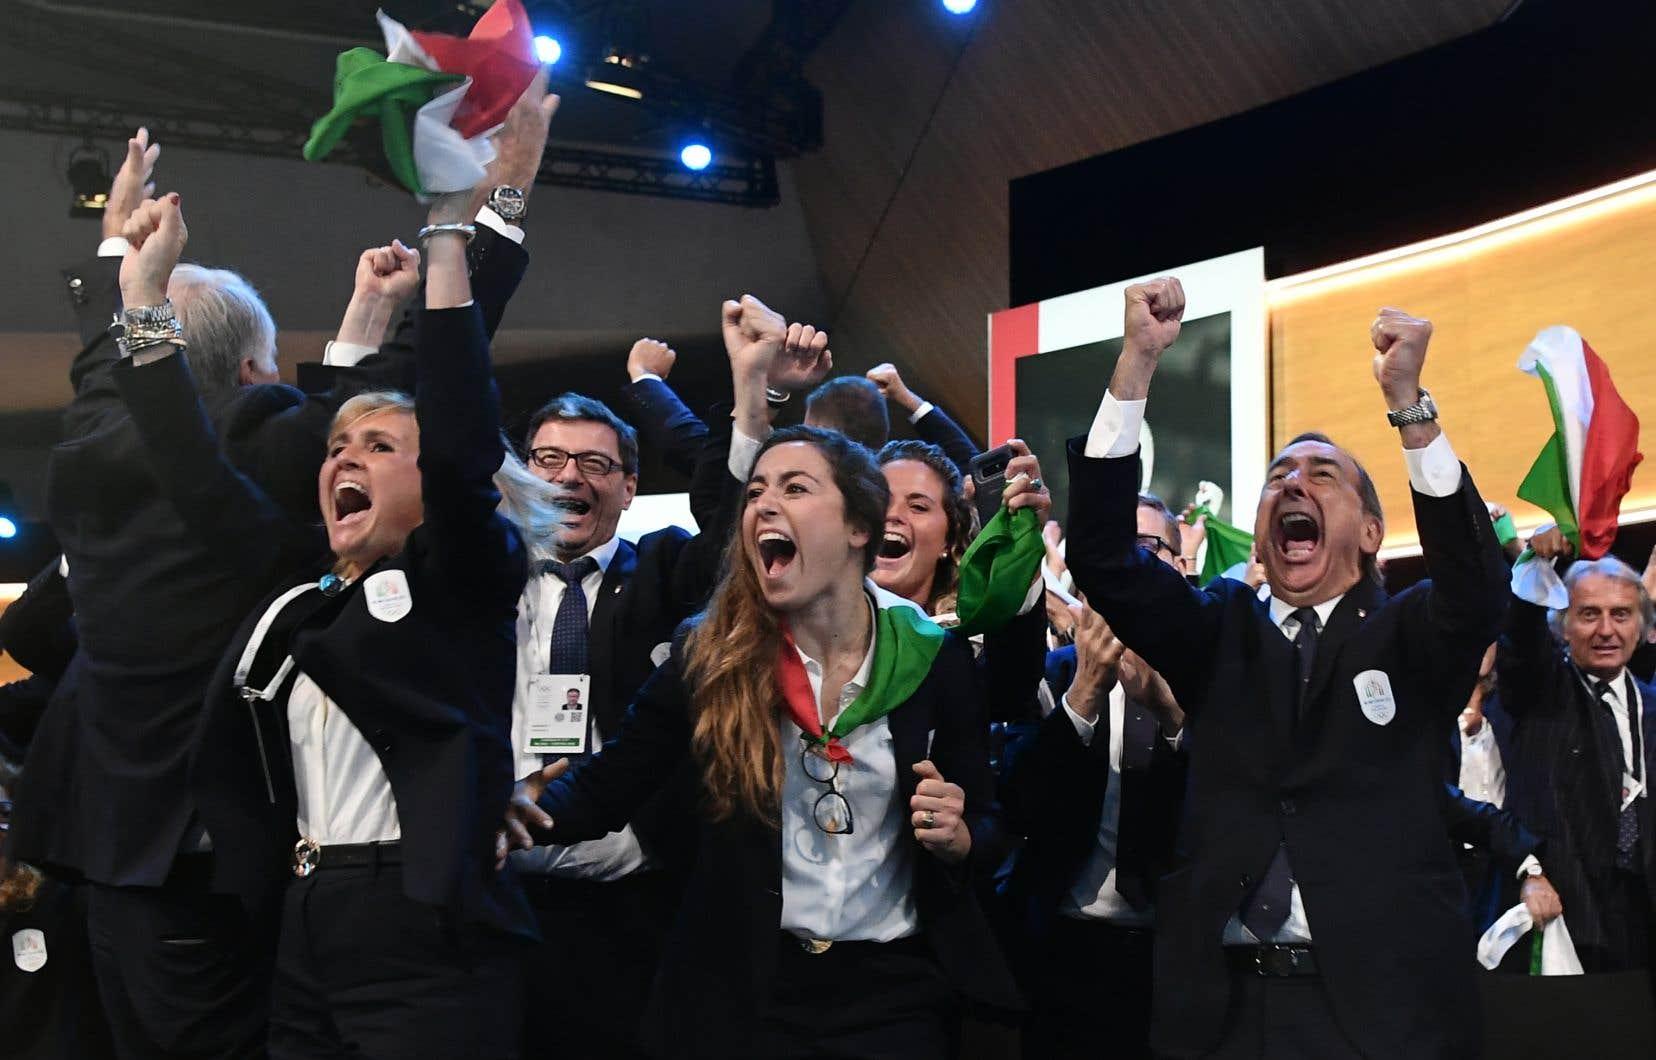 Des membres de la délégation de Milan et Cortina d'Ampezzo, villes candidates aux Jeux olympiques d'hiver de 2026, réagissent après leur élection lors de la 134ème session du Comité international olympique, à Lausanne.